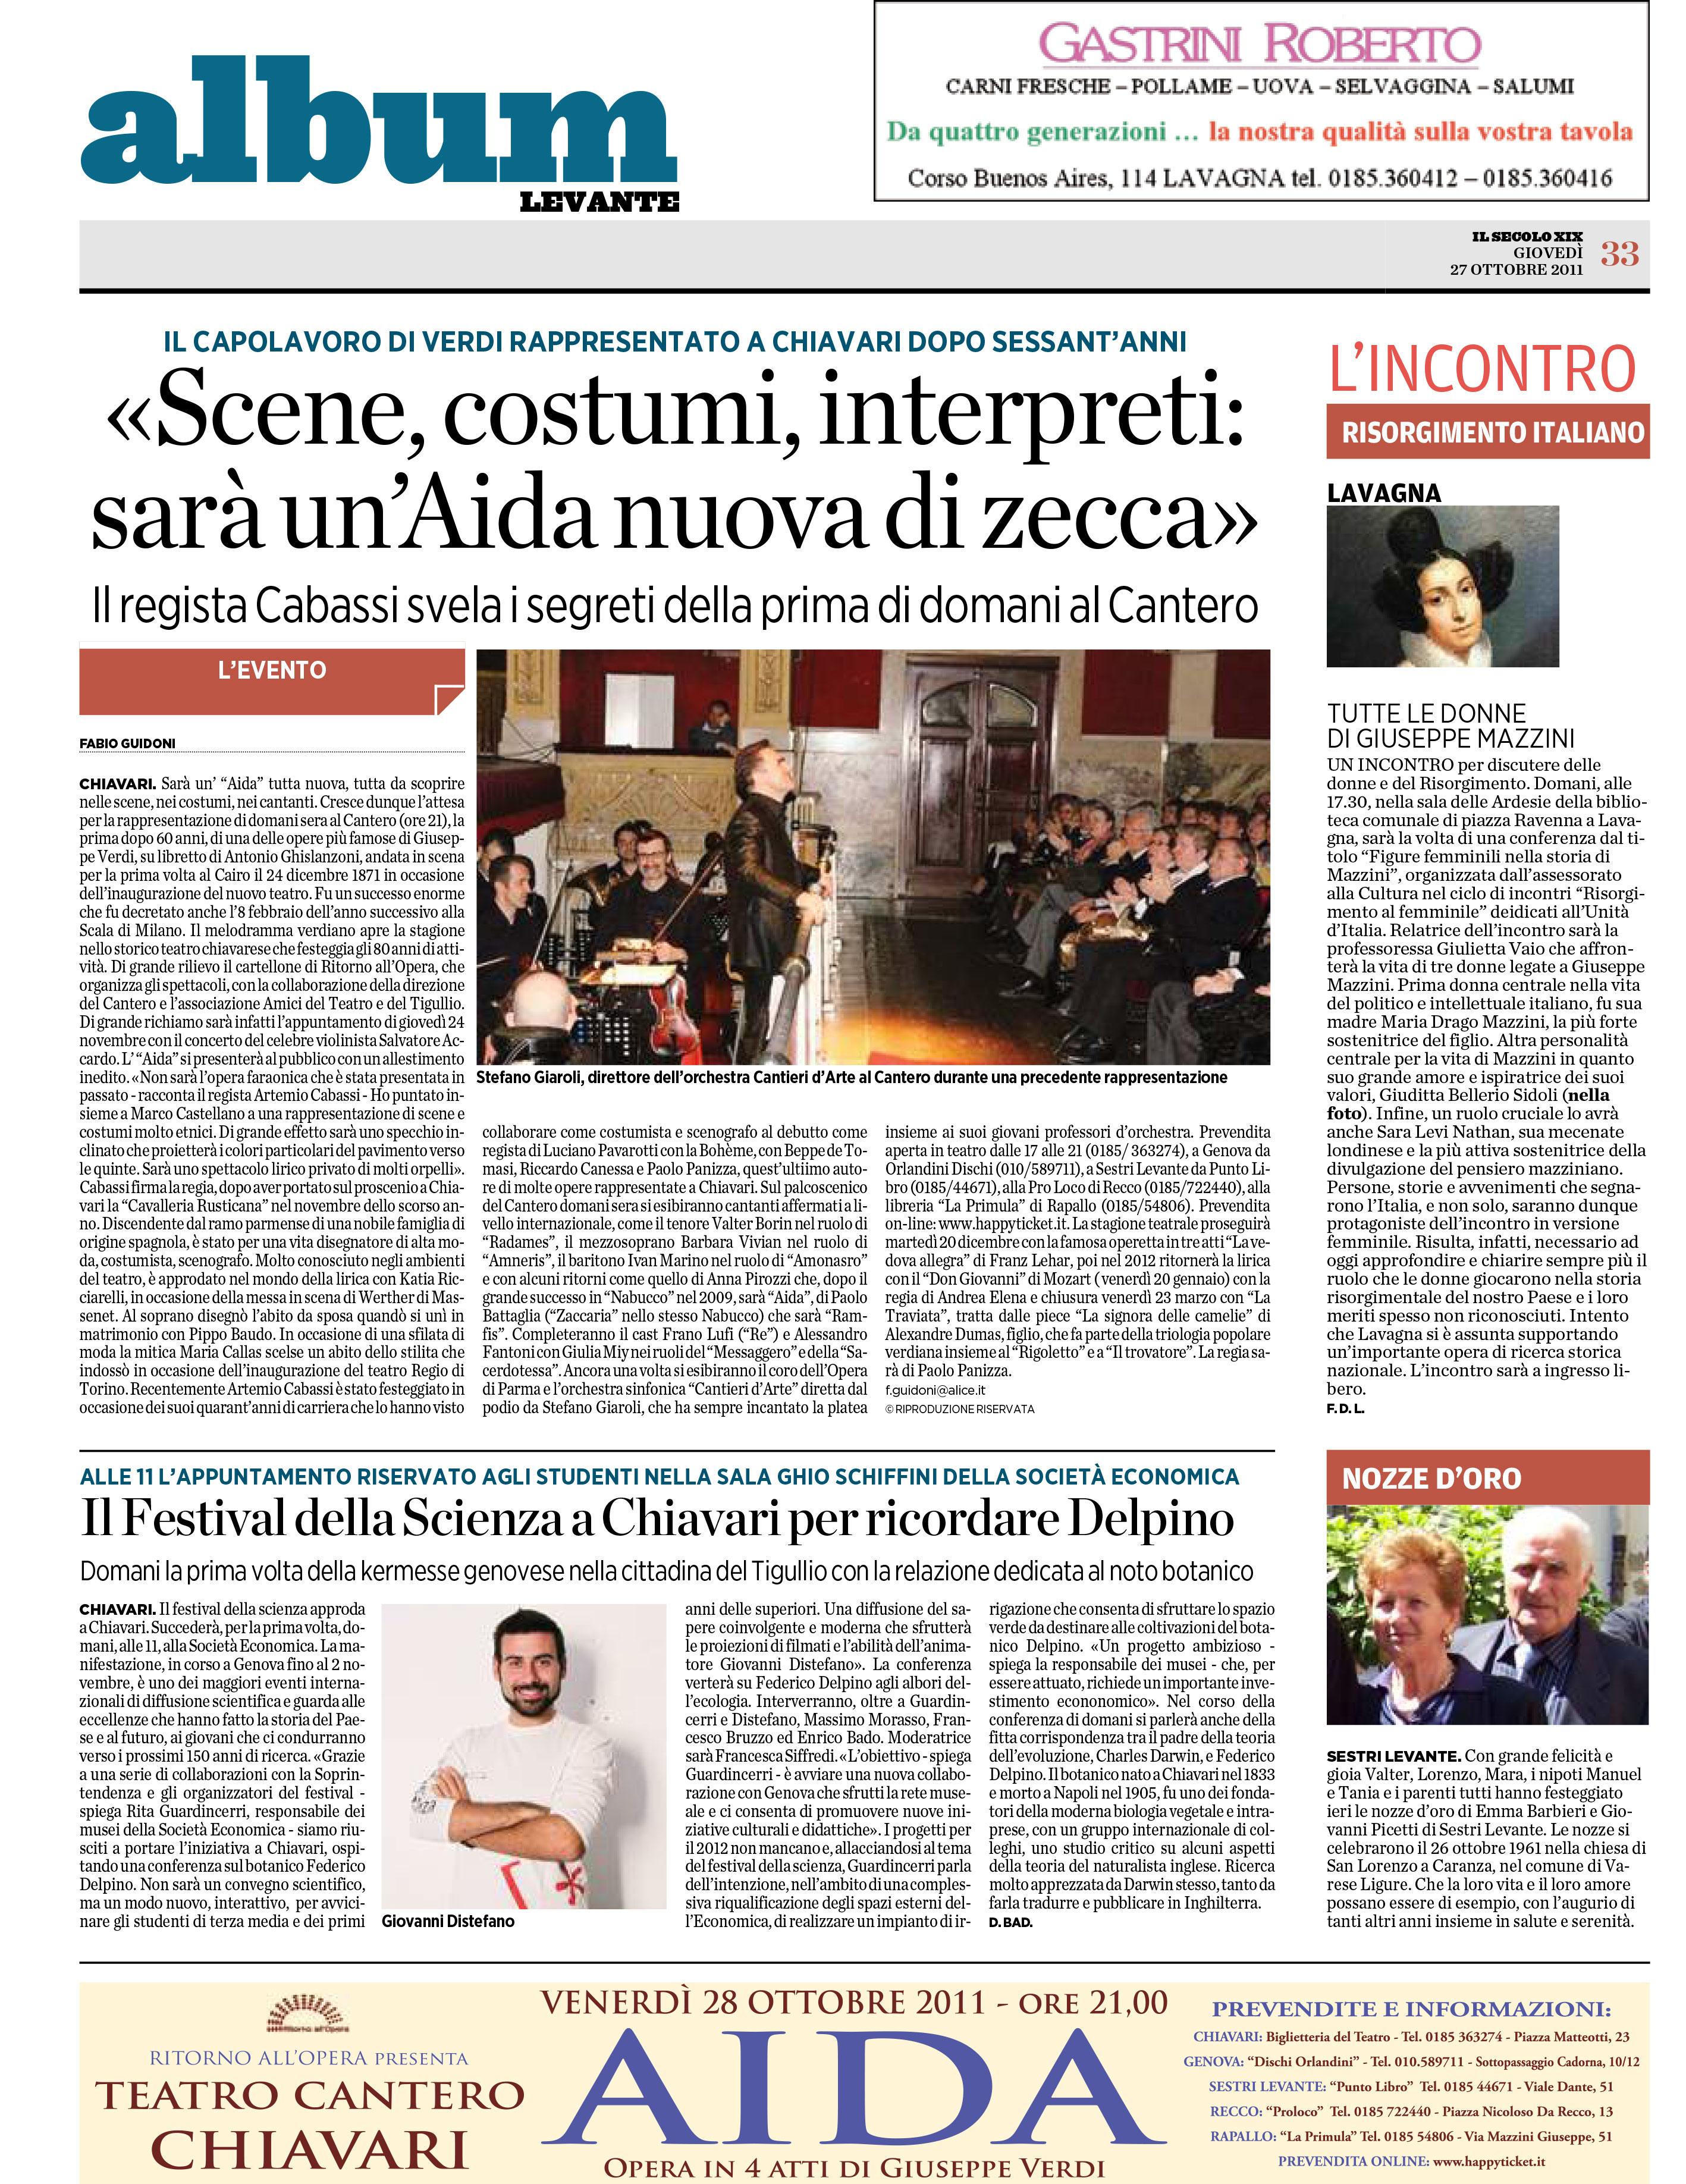 27.10.2011 – IL SECOLO XIX – Aida